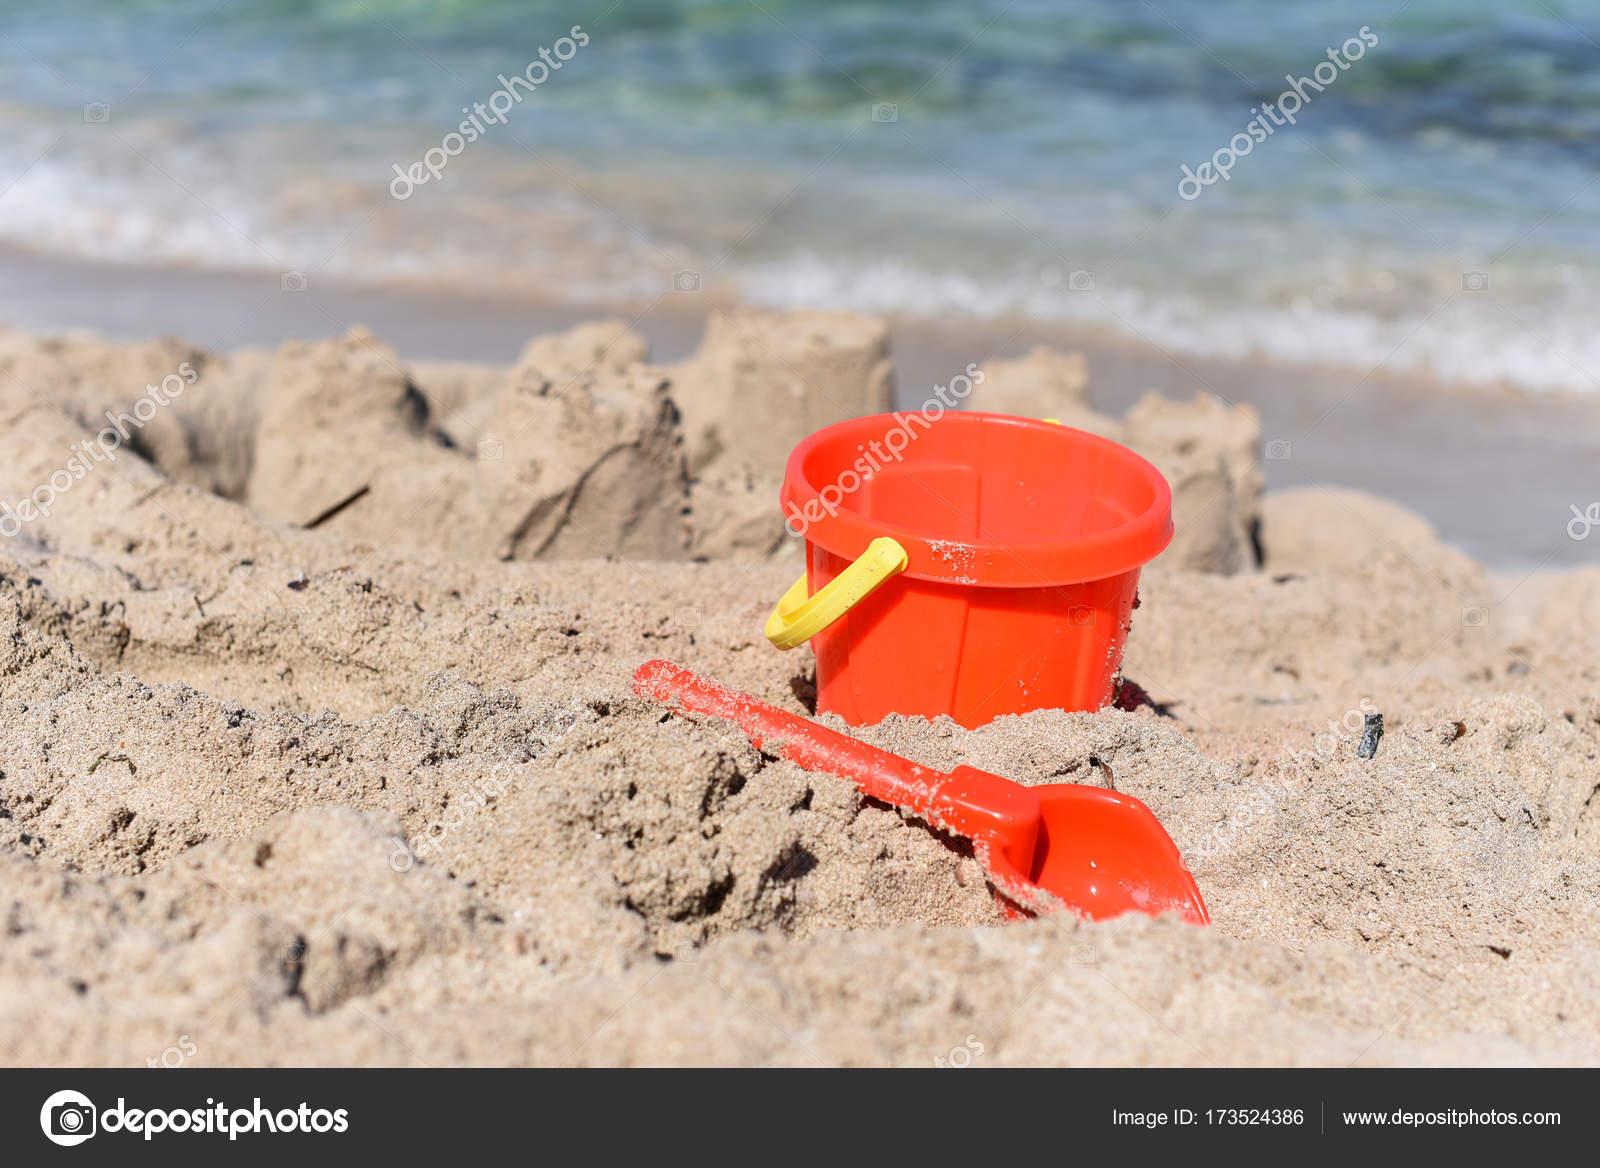 Сонячний фото з дитячим пляж відро і шпателем на тлі моря — стокове фото 1b6633072db61